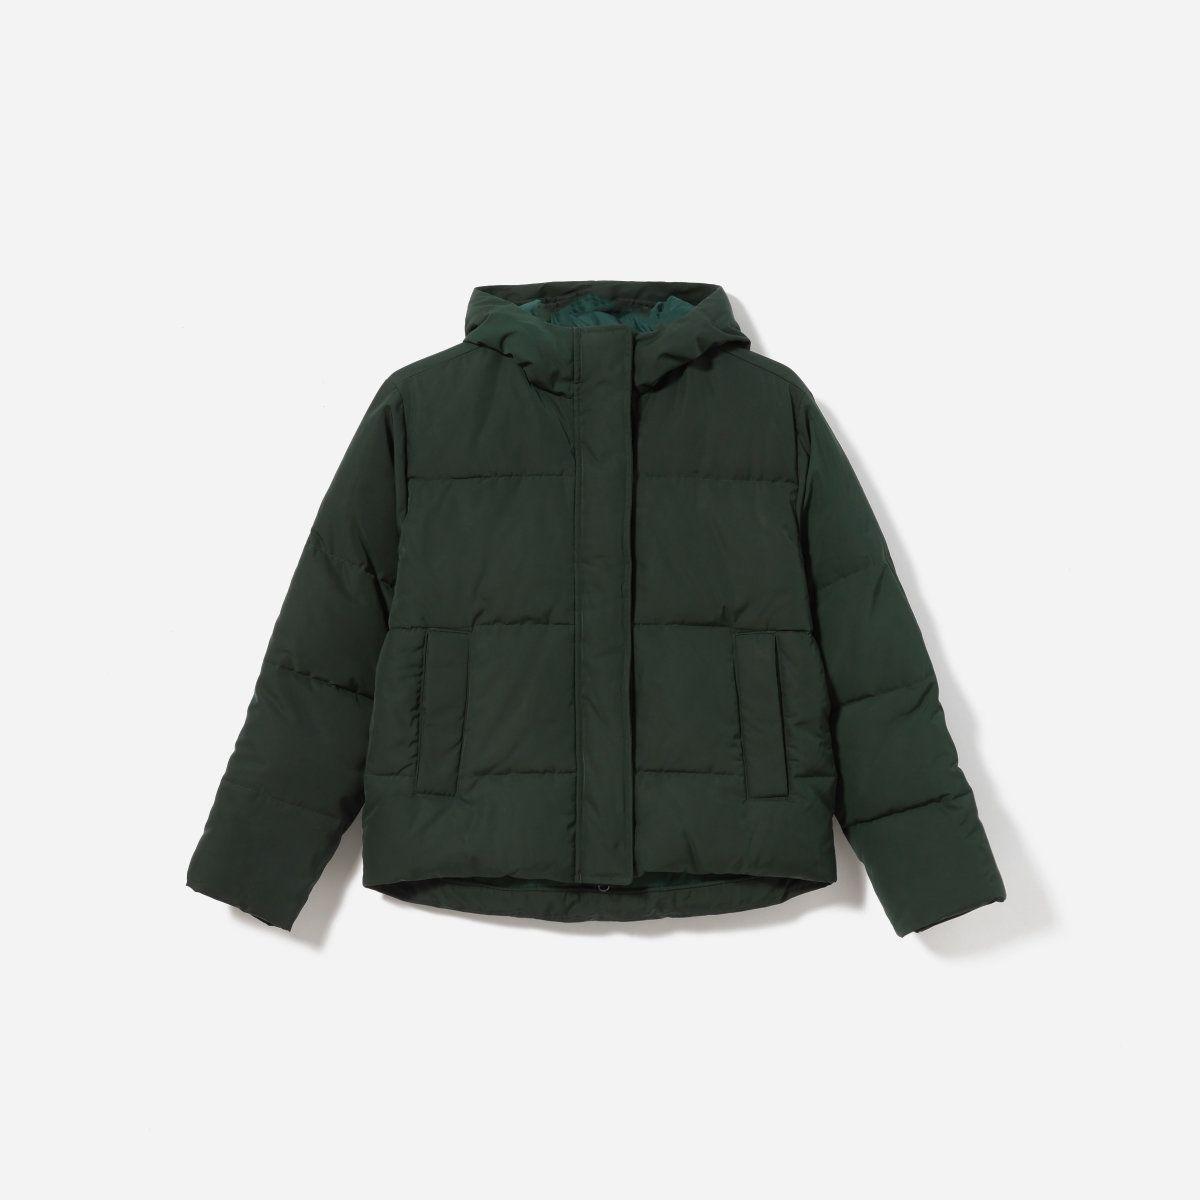 Women S Renew Short Puffer Everlane Puffer Coat Style Black Puffer Coat Black Puffer Jacket Outfit [ 1200 x 1200 Pixel ]